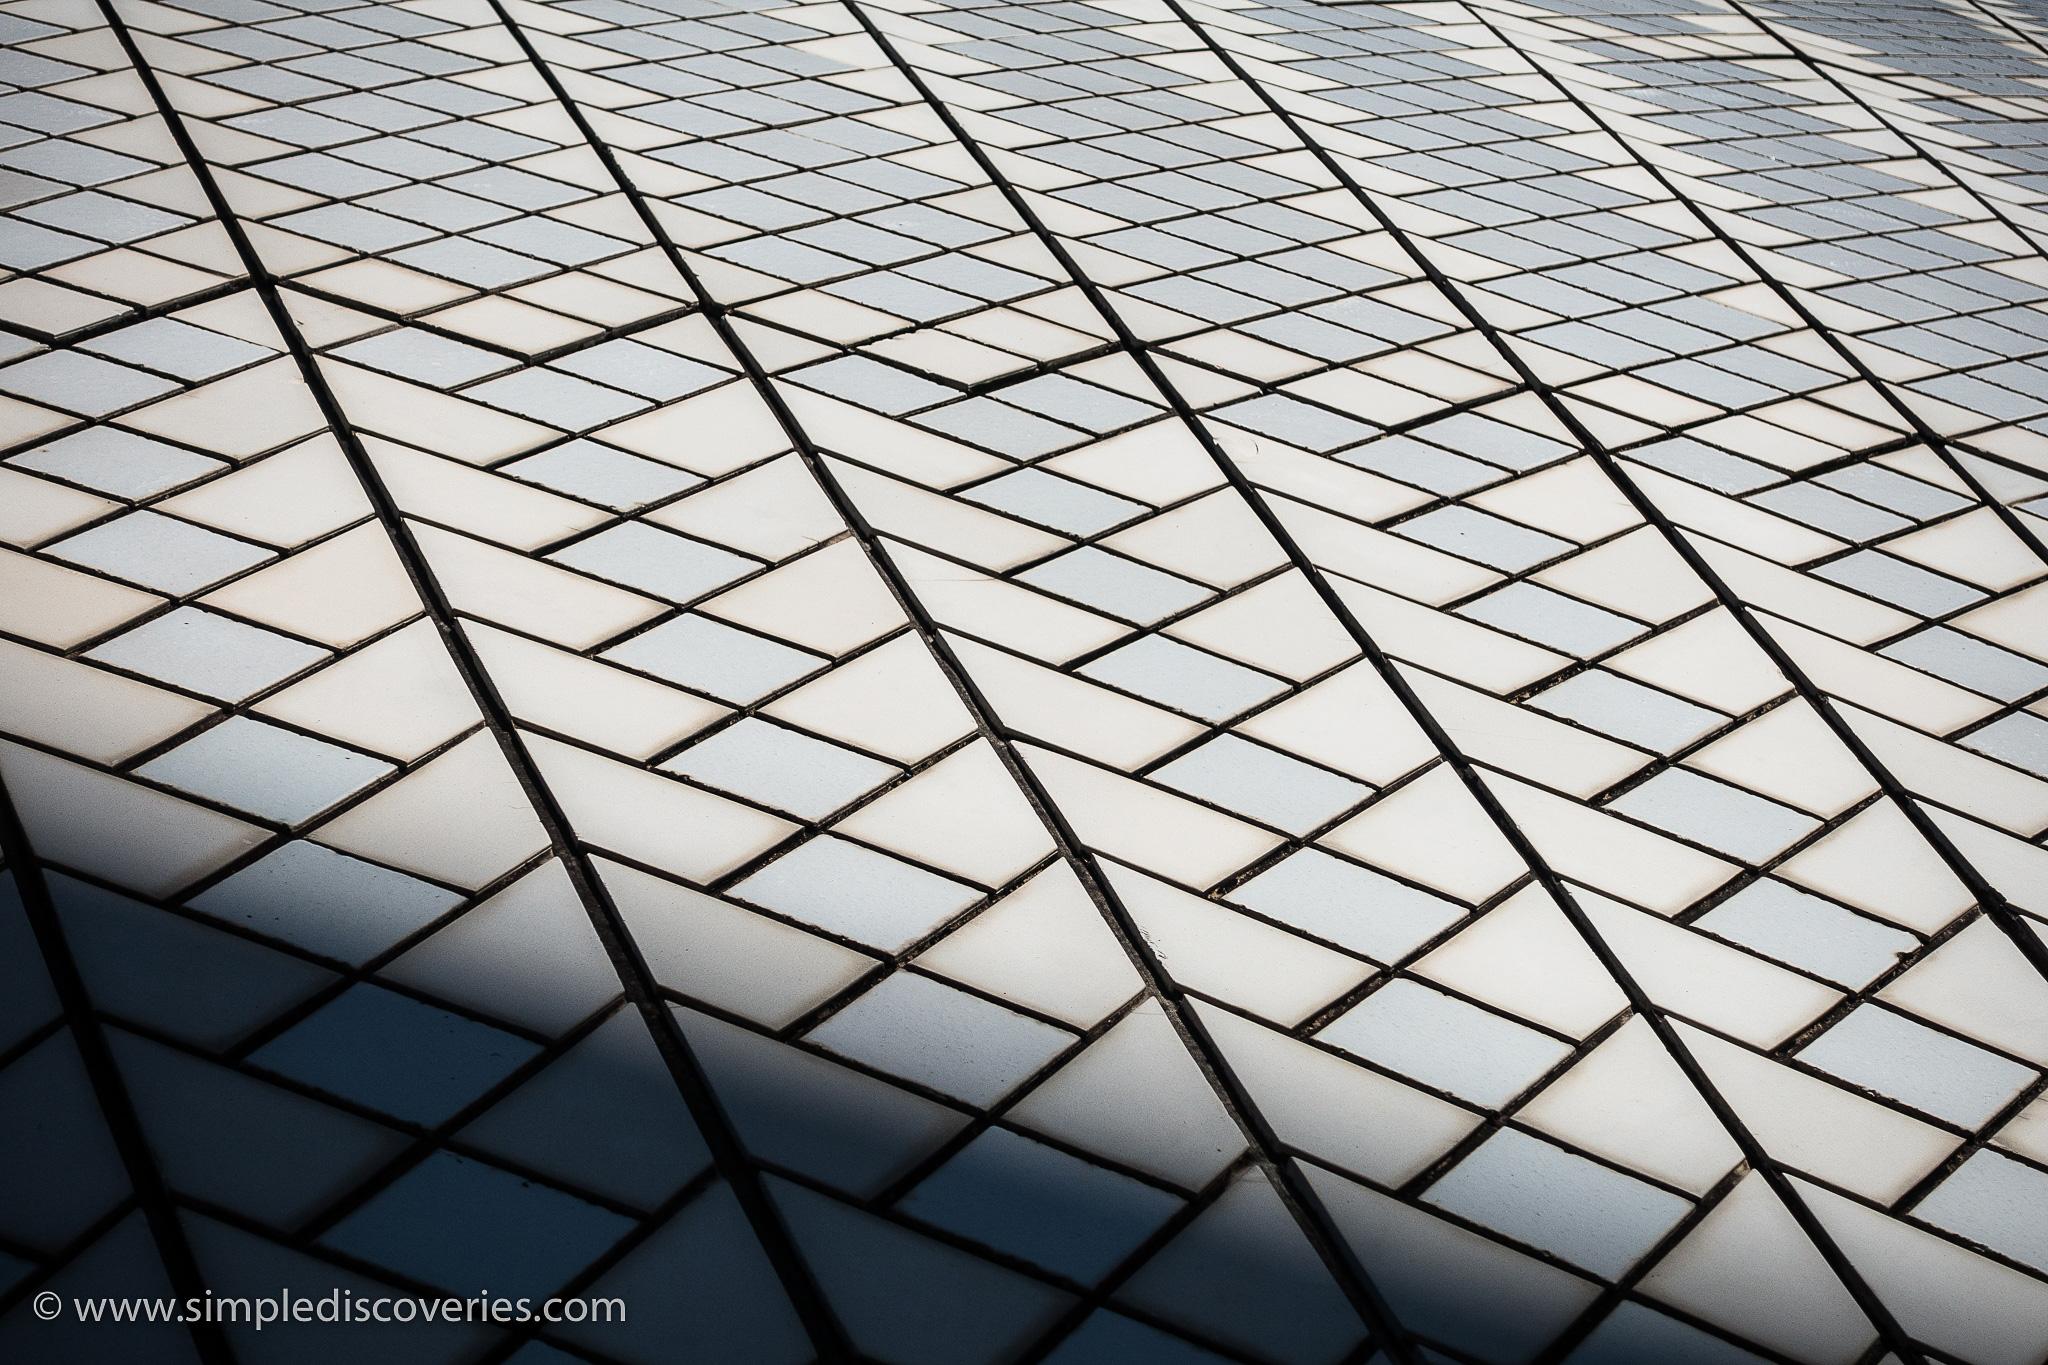 australia_opera_house_tiles